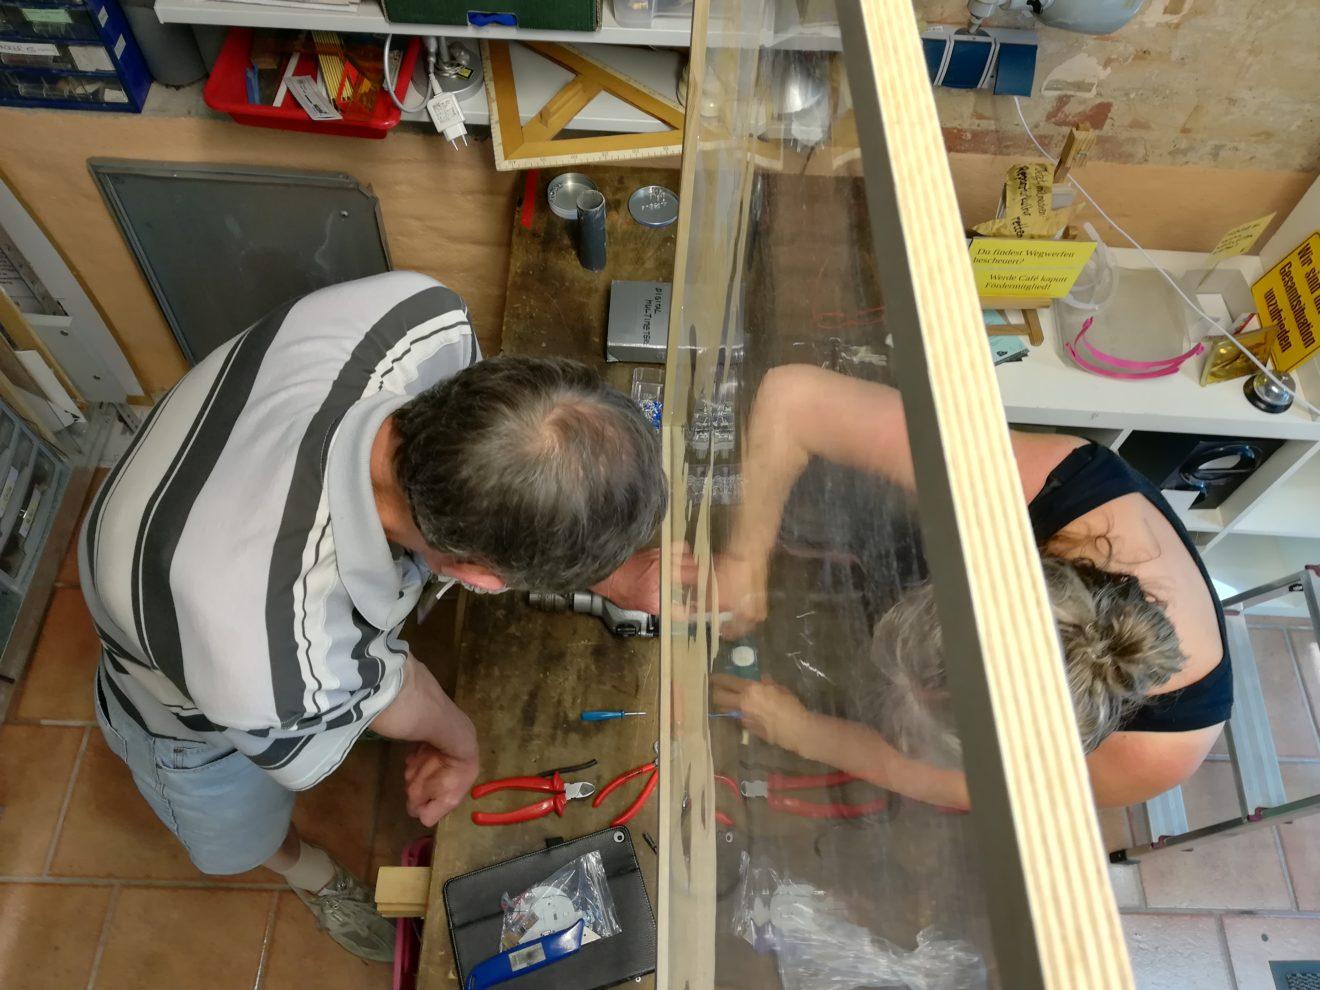 Bild: Reparieren während Corona mit Mundschutz und Plexiglastrennwand